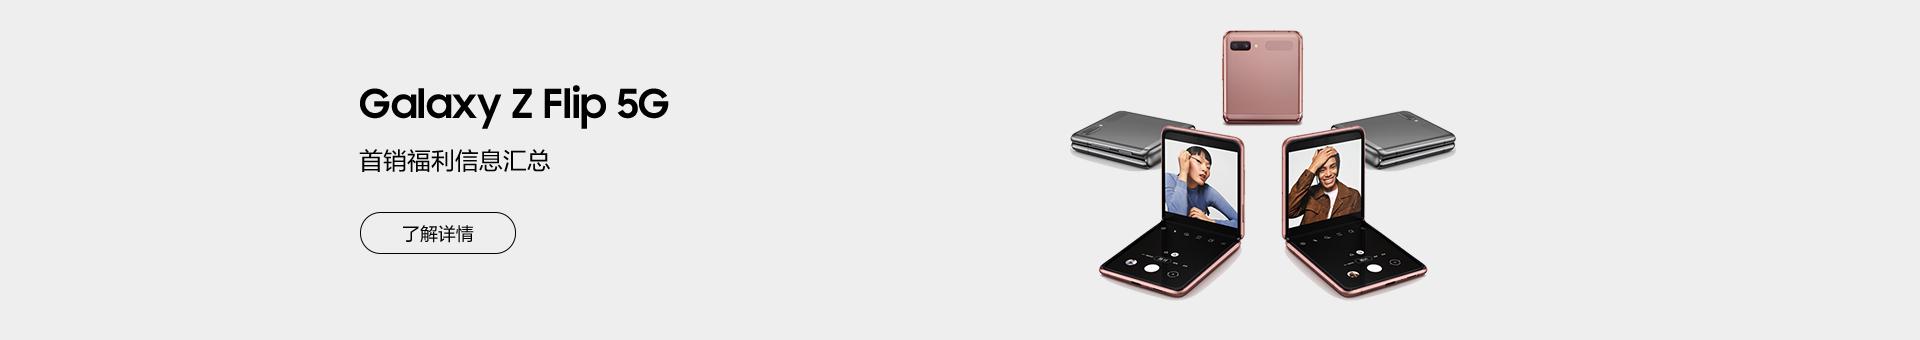 三星Galaxy Z Flip 5G正式开售 首销福利信息汇总